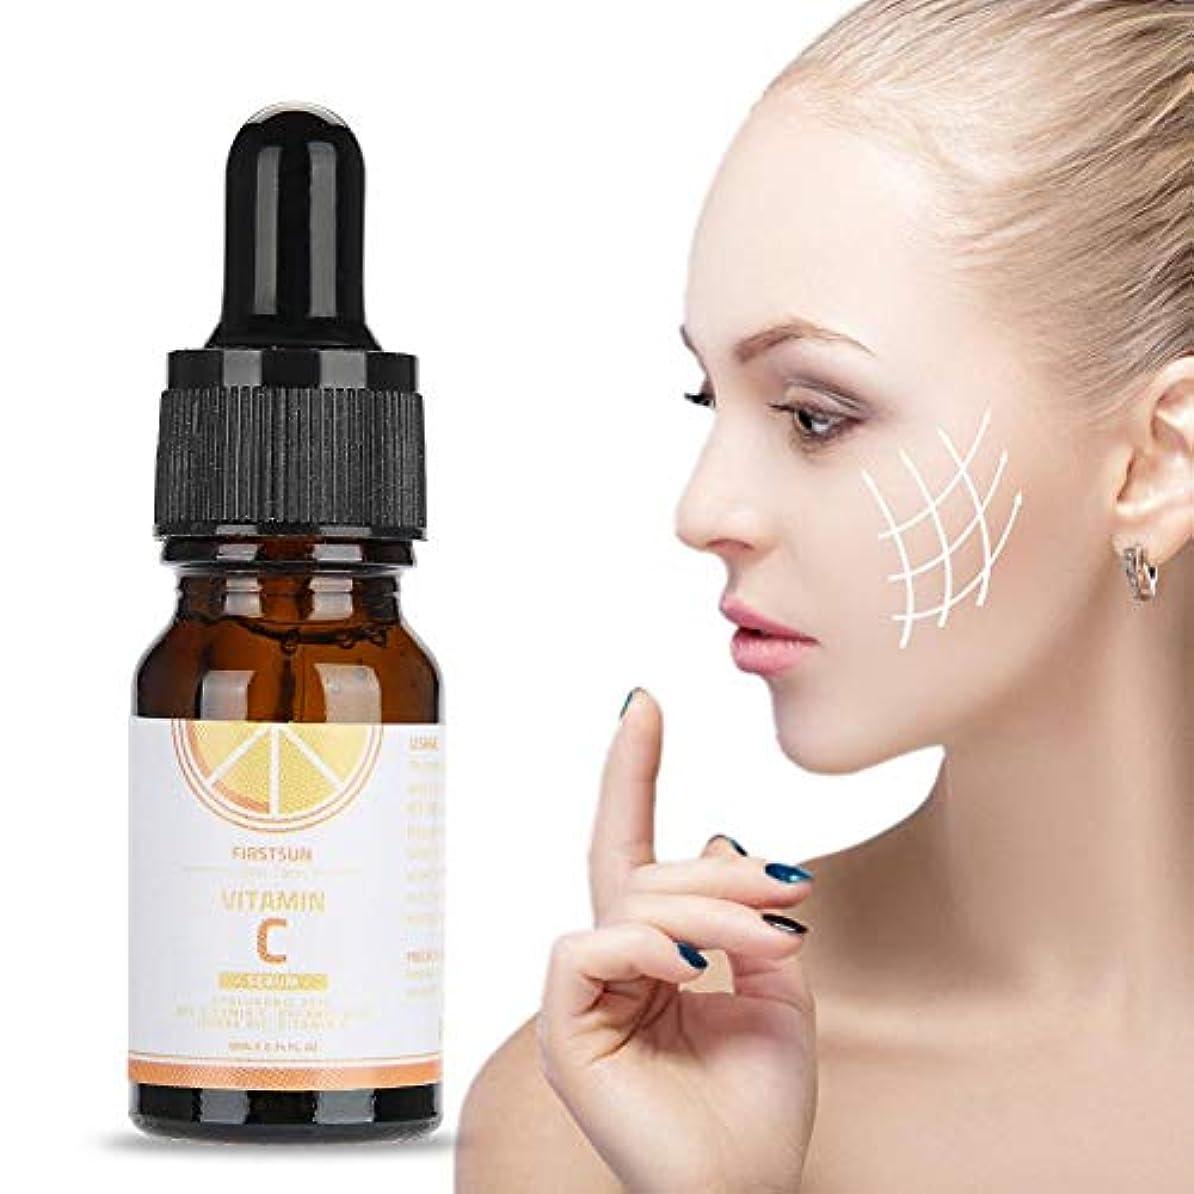 本体弱める空10mlビタミンCセラム、ヒアルロン酸補水保湿 縮小毛穴 ヒアルロン酸クリーム 肌の明るさと肌への潤い フェイススキンケア製品